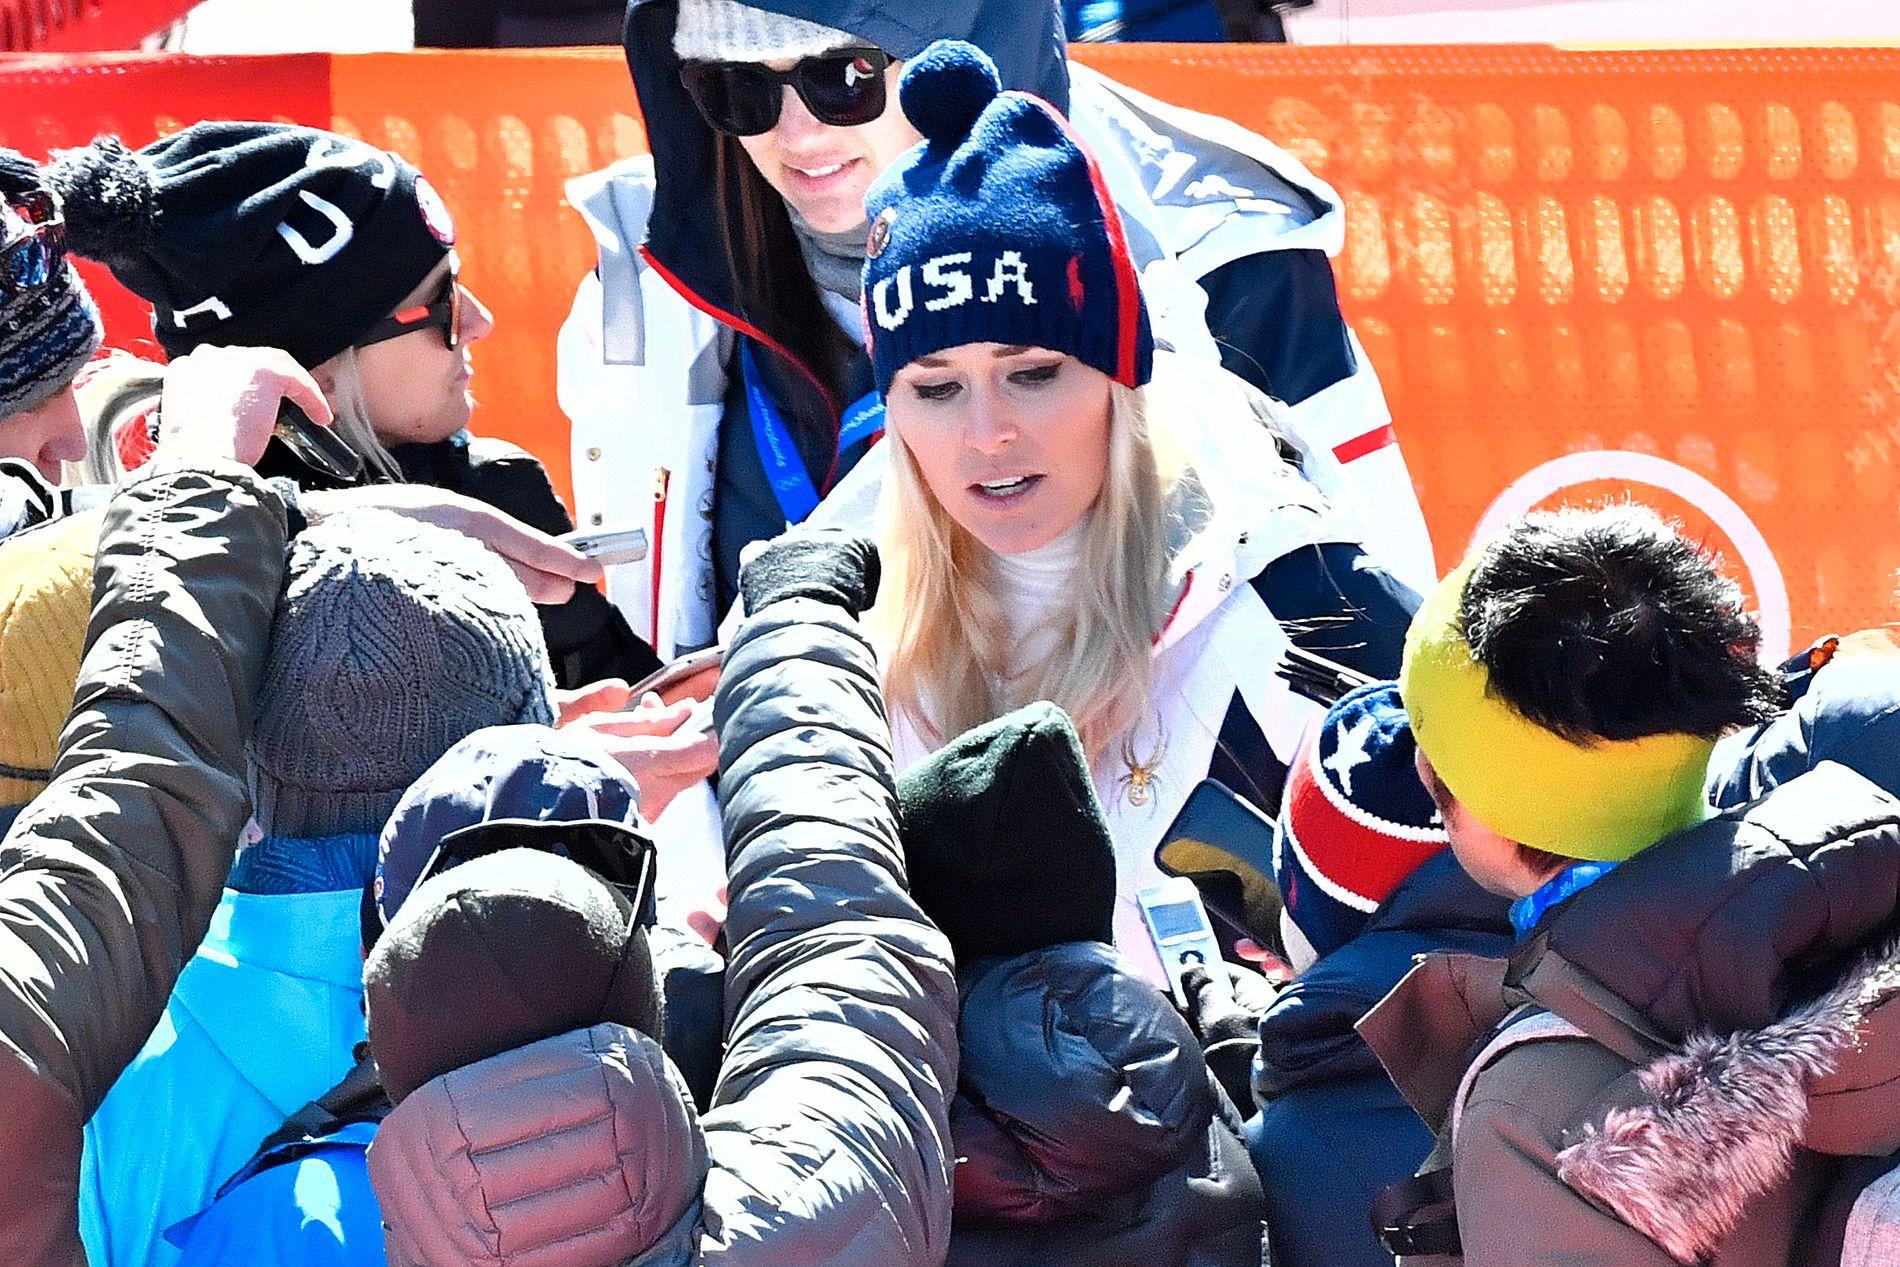 FORKLARTE: Lindsey Vonn måtte forklare hvorfor hun ikke kom på seierspallen i super-G i OL.